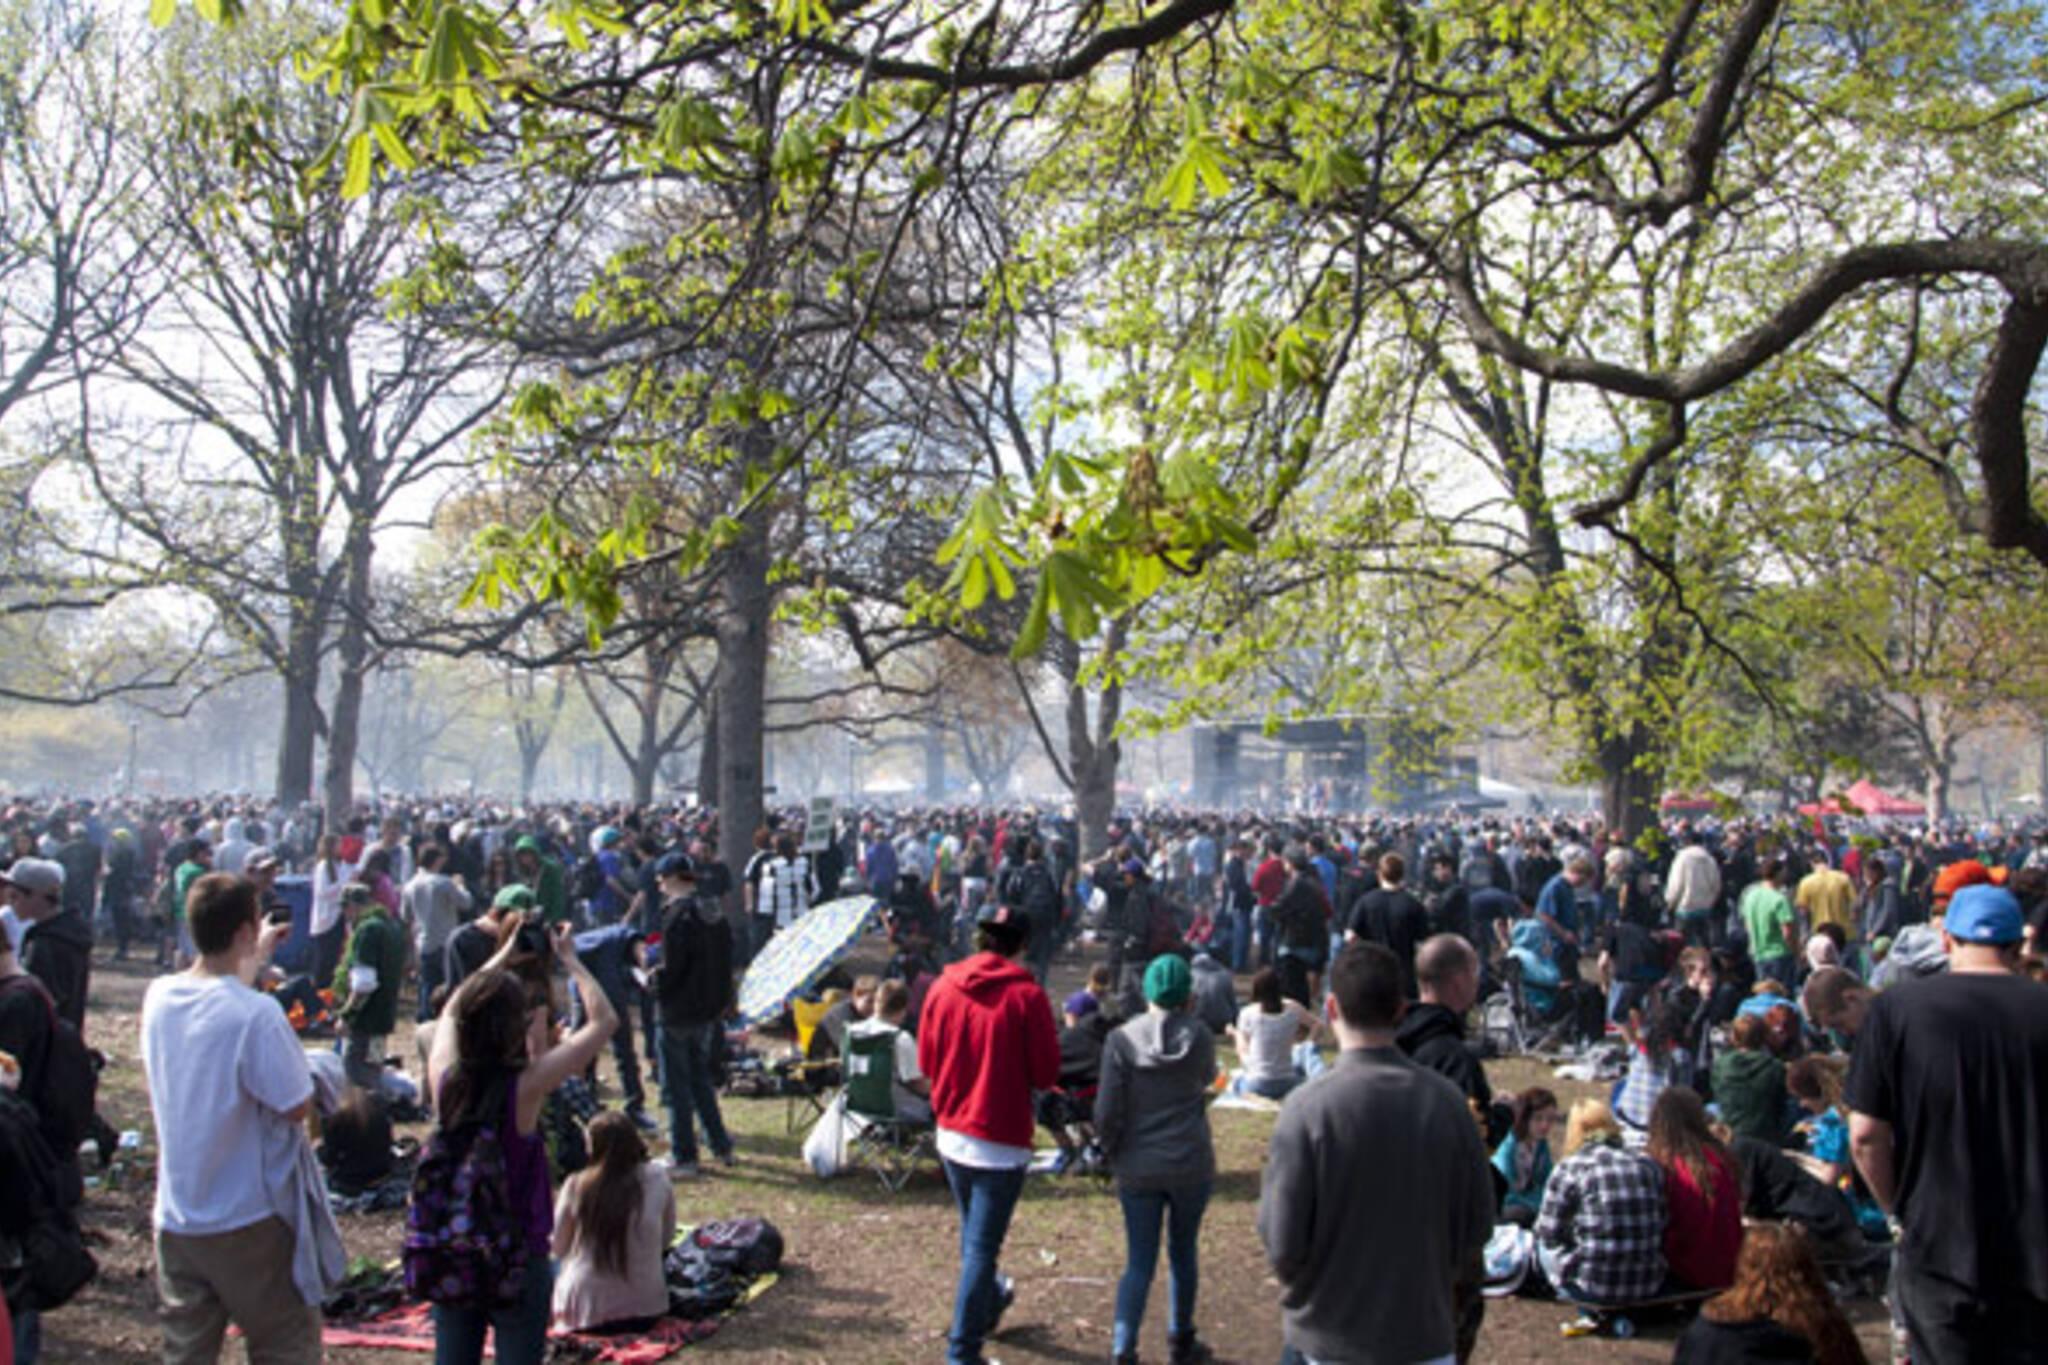 Freedom Festival Marijuana 2011